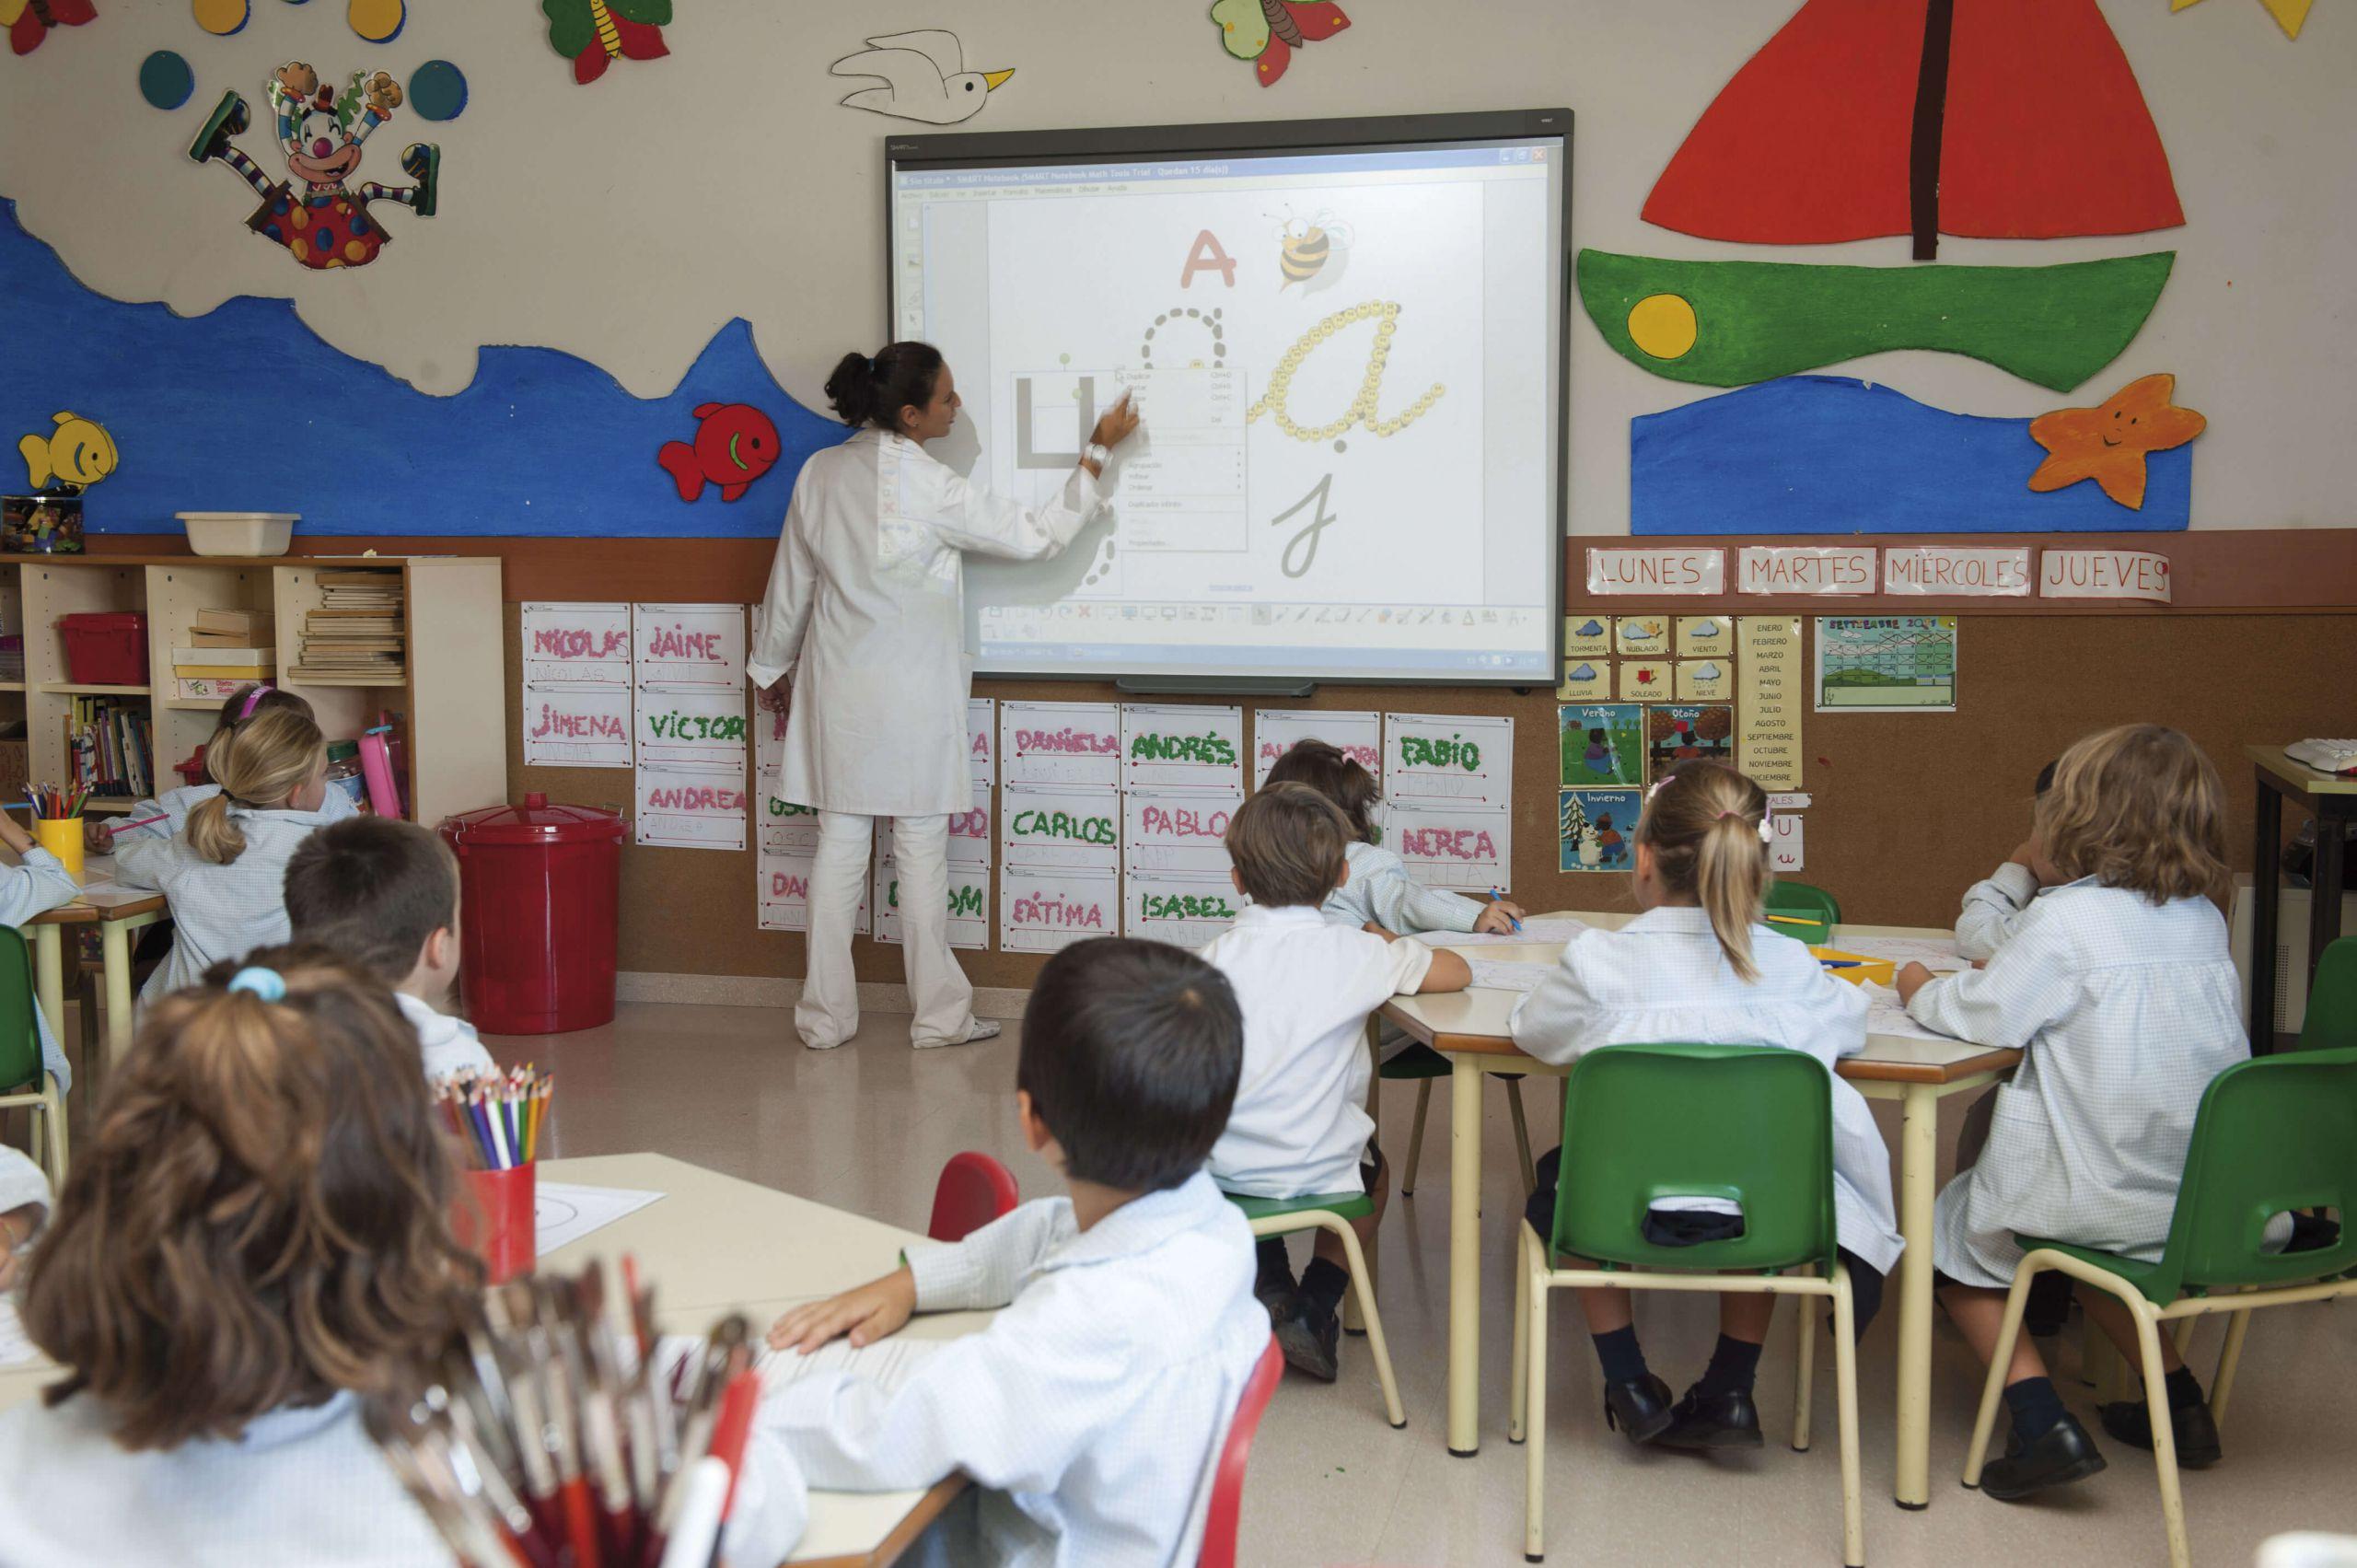 Aula con alumnos dando clase